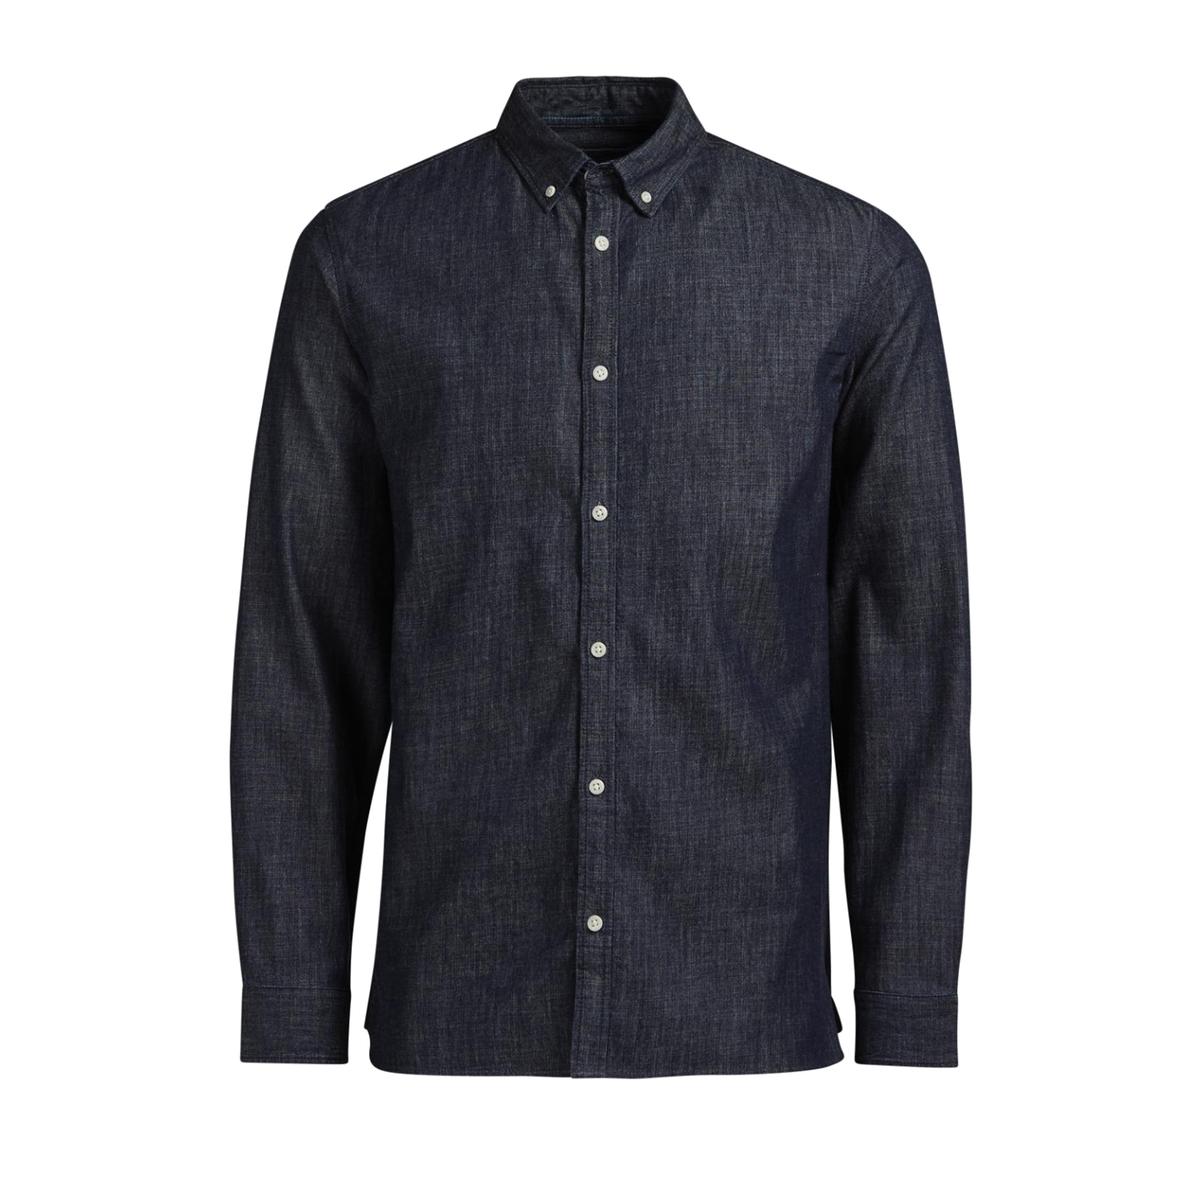 Рубашка JORSPOT узкого покрояРубашка модель JORSPOT от марки Jack &amp; Jones®  из хлопка под очень мягкий и эластичный деним с контрастными пуговицами .             Длинные рукава, манжеты с застежкой на 2 пуговицы, пуговица на предплечье           Облегающий покрой           Классический воротник со свободными уголками           Закругленный низ, разрезы по бокам           Логотип с внутренней стороны застежки на пуговицыСостав и описание :Основной материал : 100% хлопок            Марка :  JACK &amp; JONES®Уход  : Следуйте рекомендациям, указанным на этикетке изделия.<br><br>Цвет: синий деним